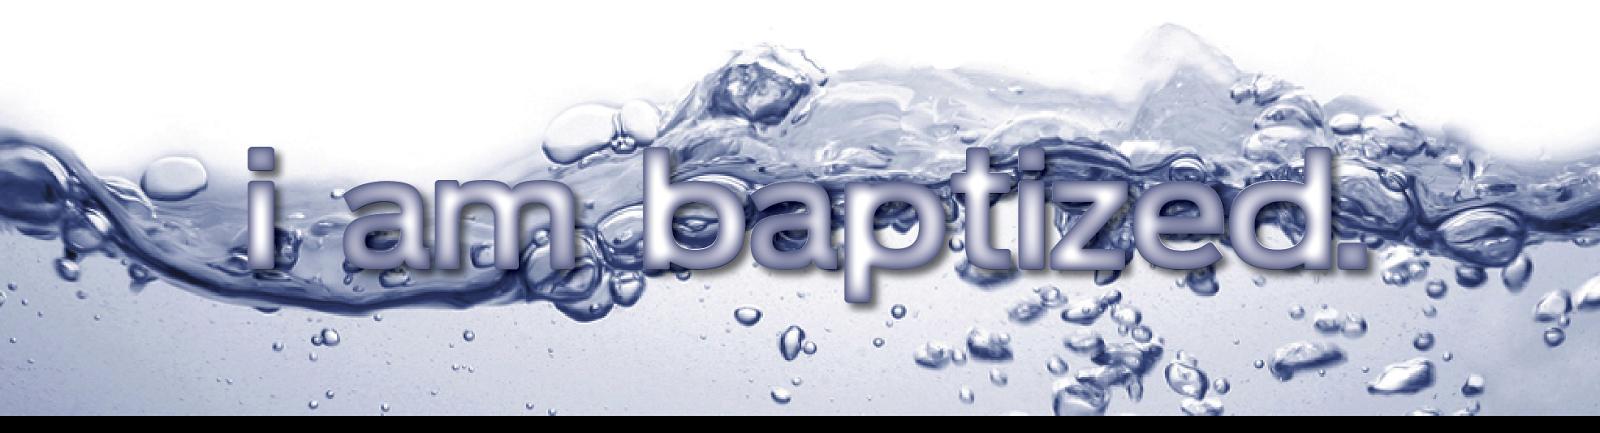 I WAS BAPTIZED